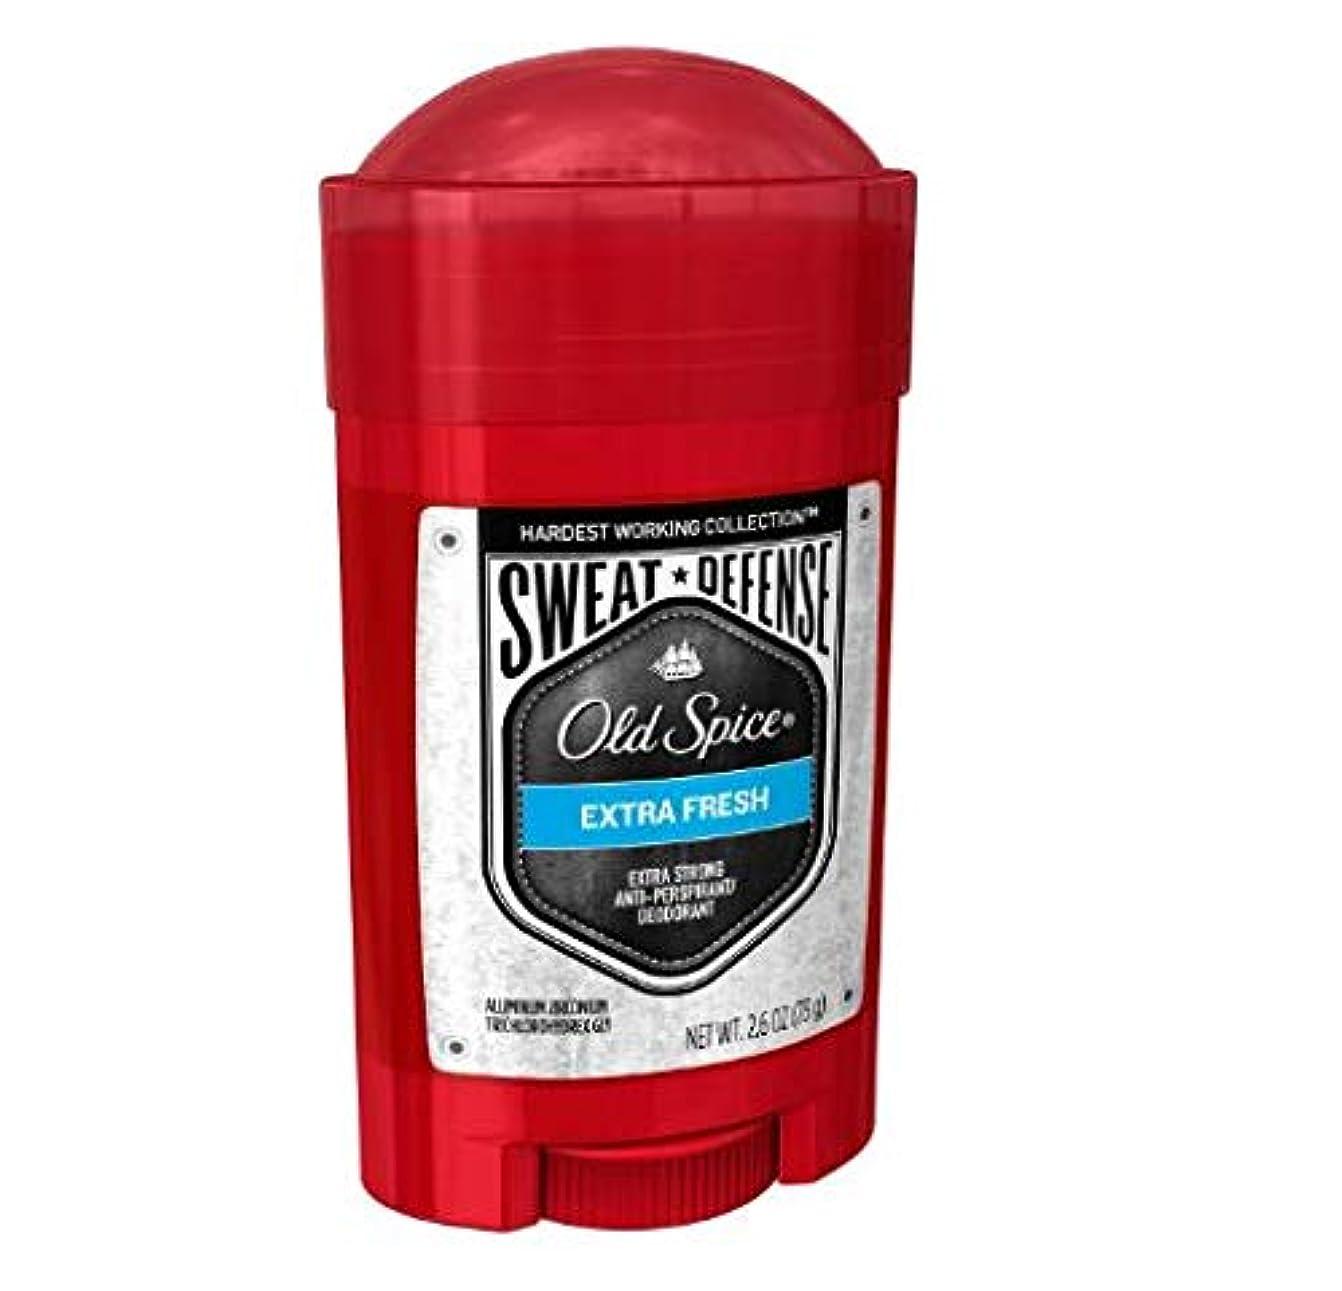 適応する暴露するテレビOld Spice Hardest Working Collection Sweat Defense Extra Fresh Antiperspirant and Deodorant - 2.6oz オールドスパイス ハーデスト...